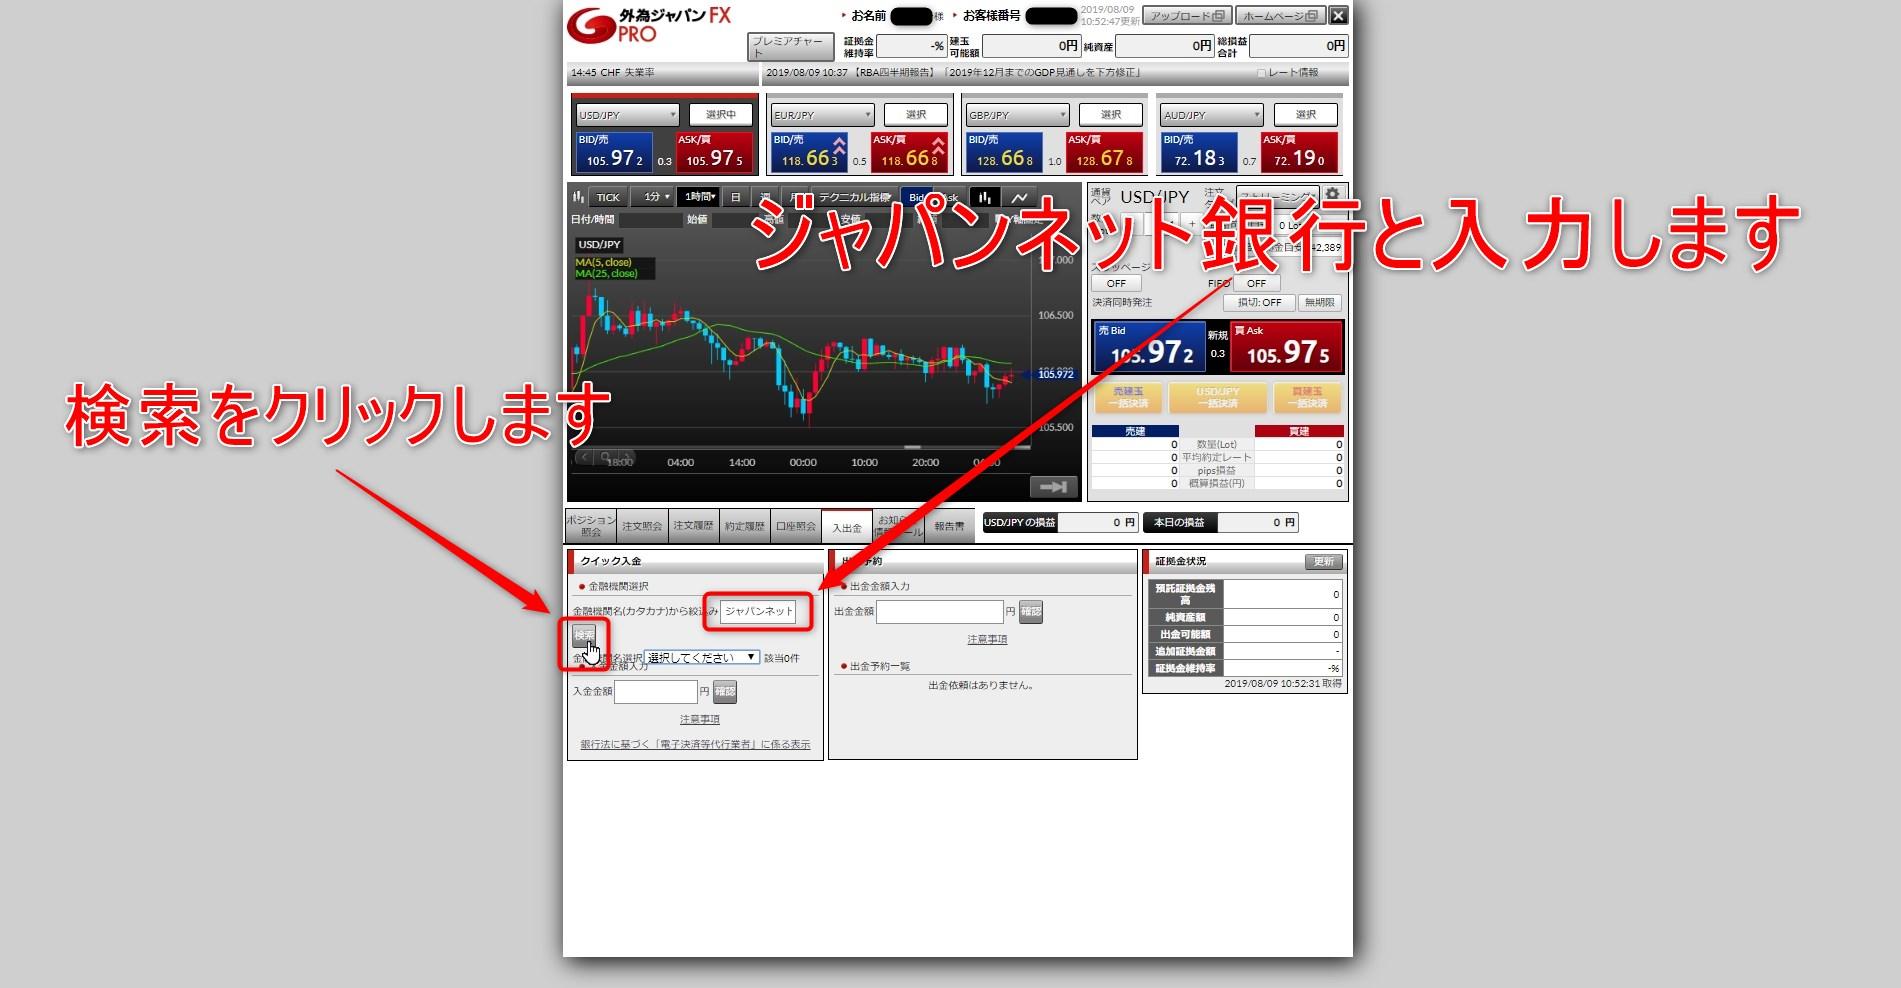 ジャパンネット銀行を探す